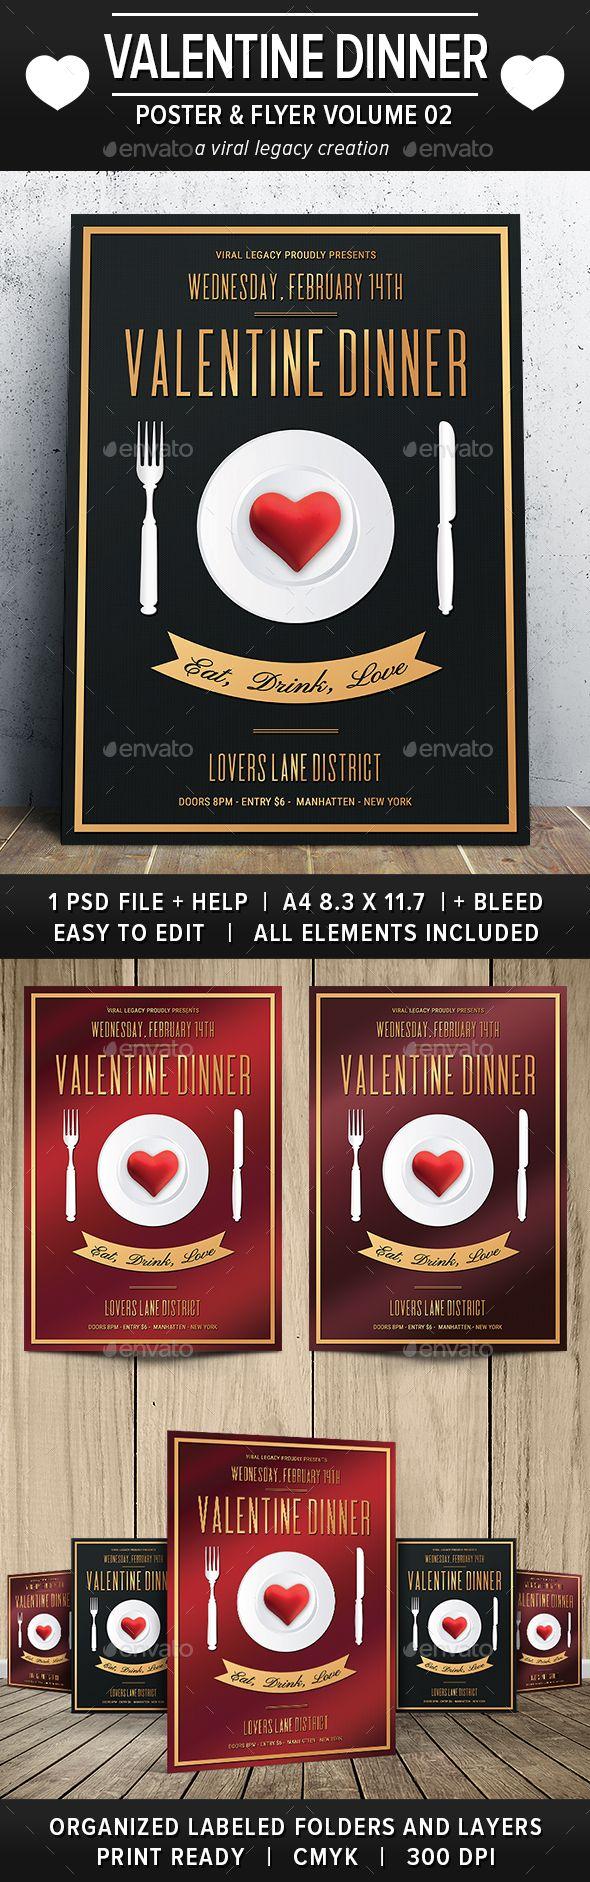 Valentine Dinner Poster  Flyer V